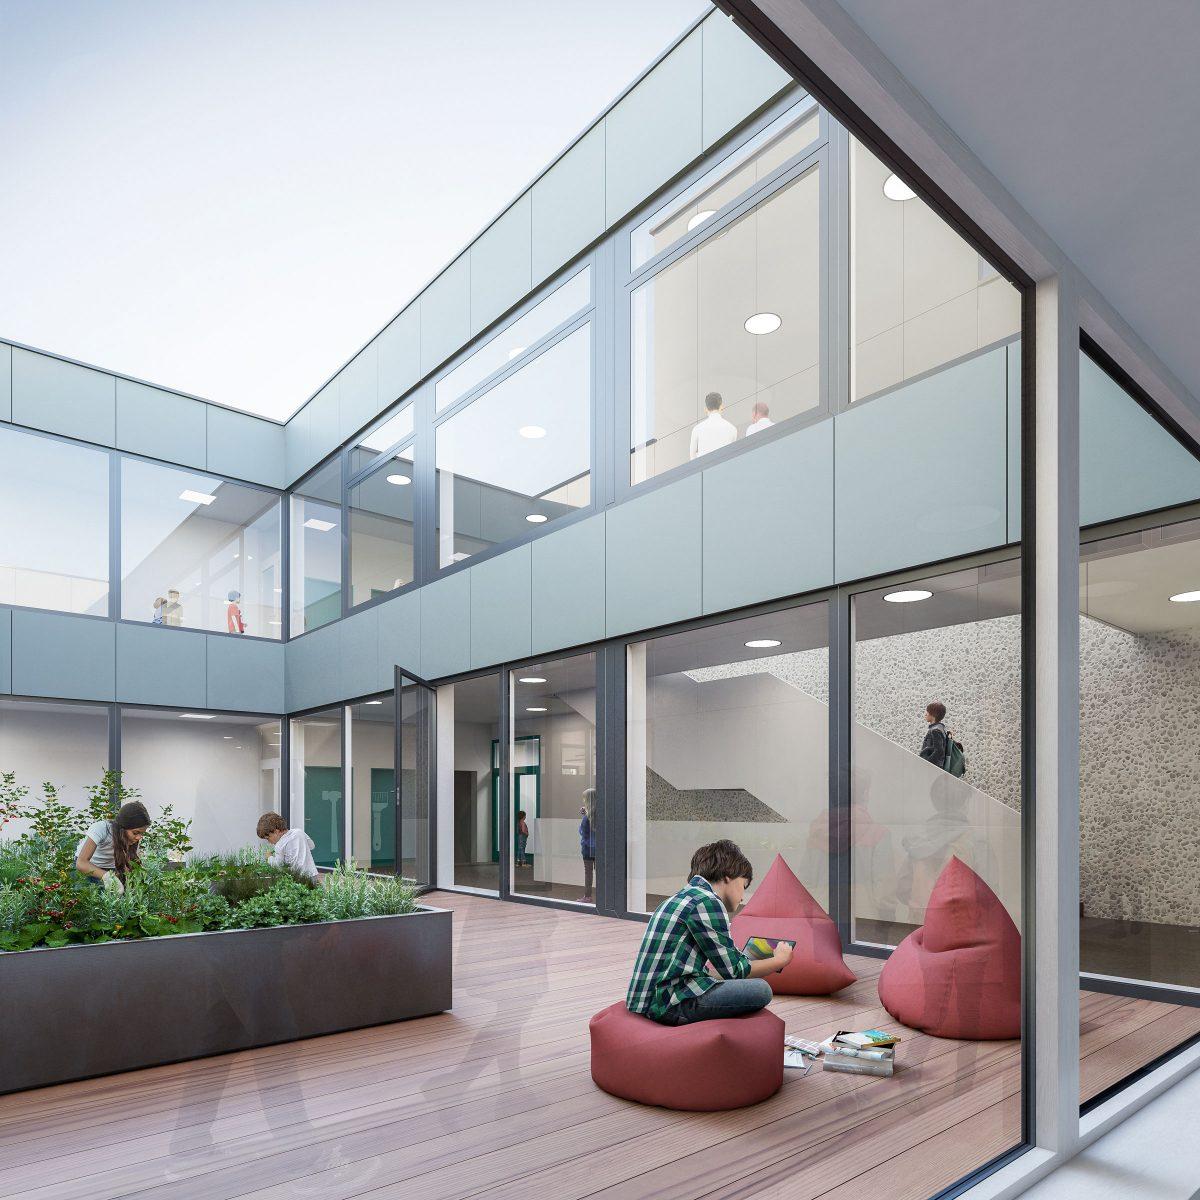 Innenhof mit Urban Gardening, Sitzgelegenheiten und der blauen Eternitfassade des Erweiterungsbaus, Schulzentrum Döbern.